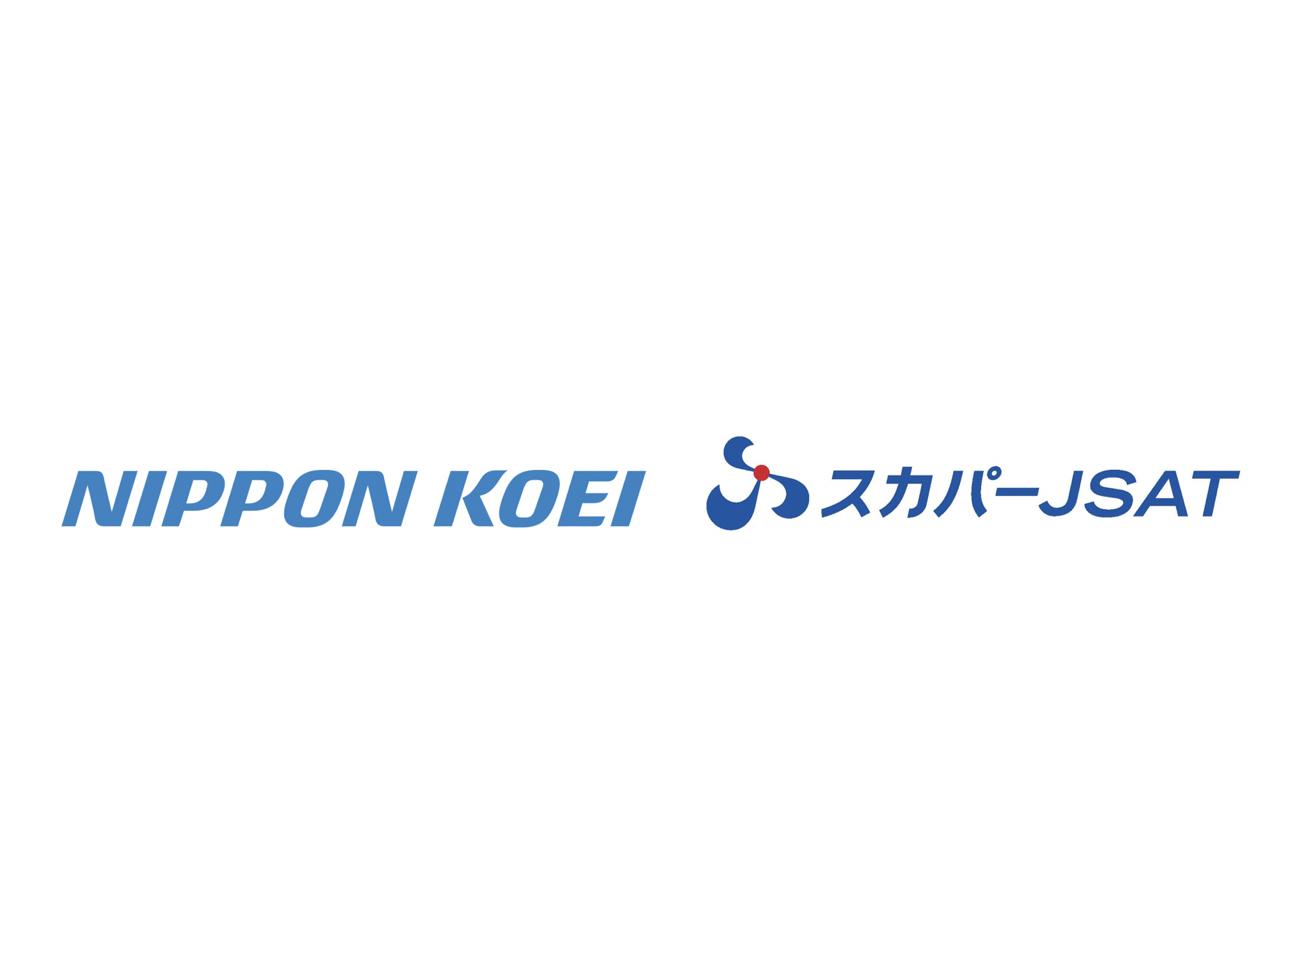 日本工営×スカパーJSAT|衛星データを活用し、防災・減災業務効率化サービスを共同開発